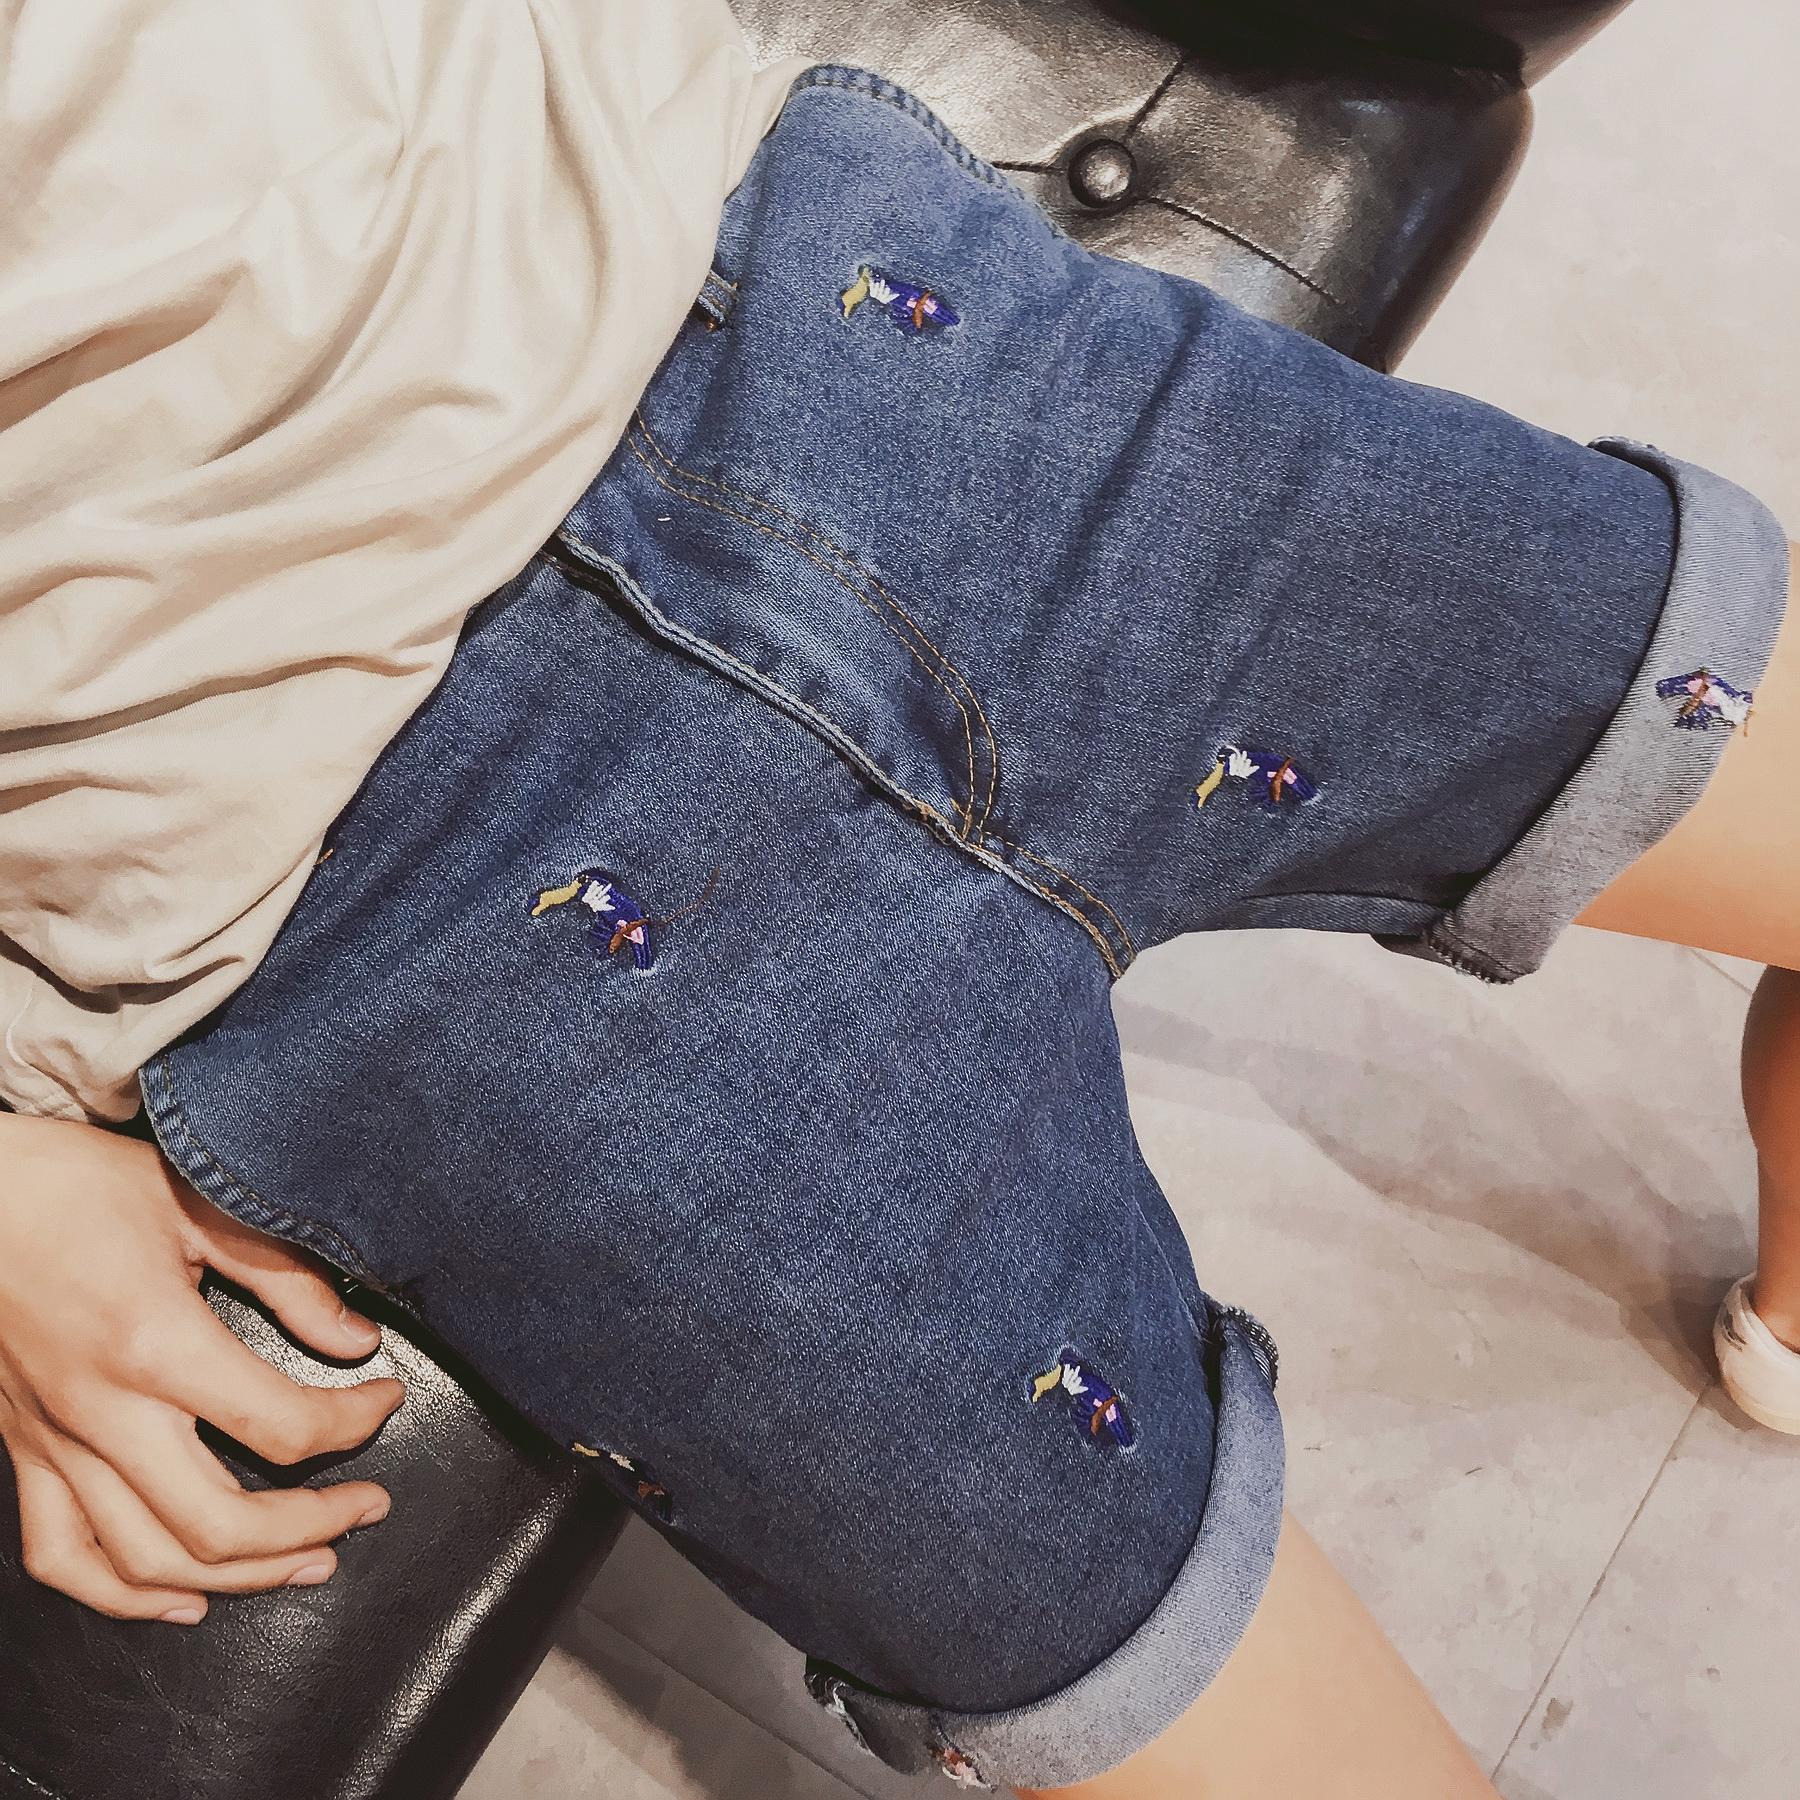 夏季新款男牛仔短裤 日系潮牌男士韩版绣花牛仔短裤潮男牛仔裤子